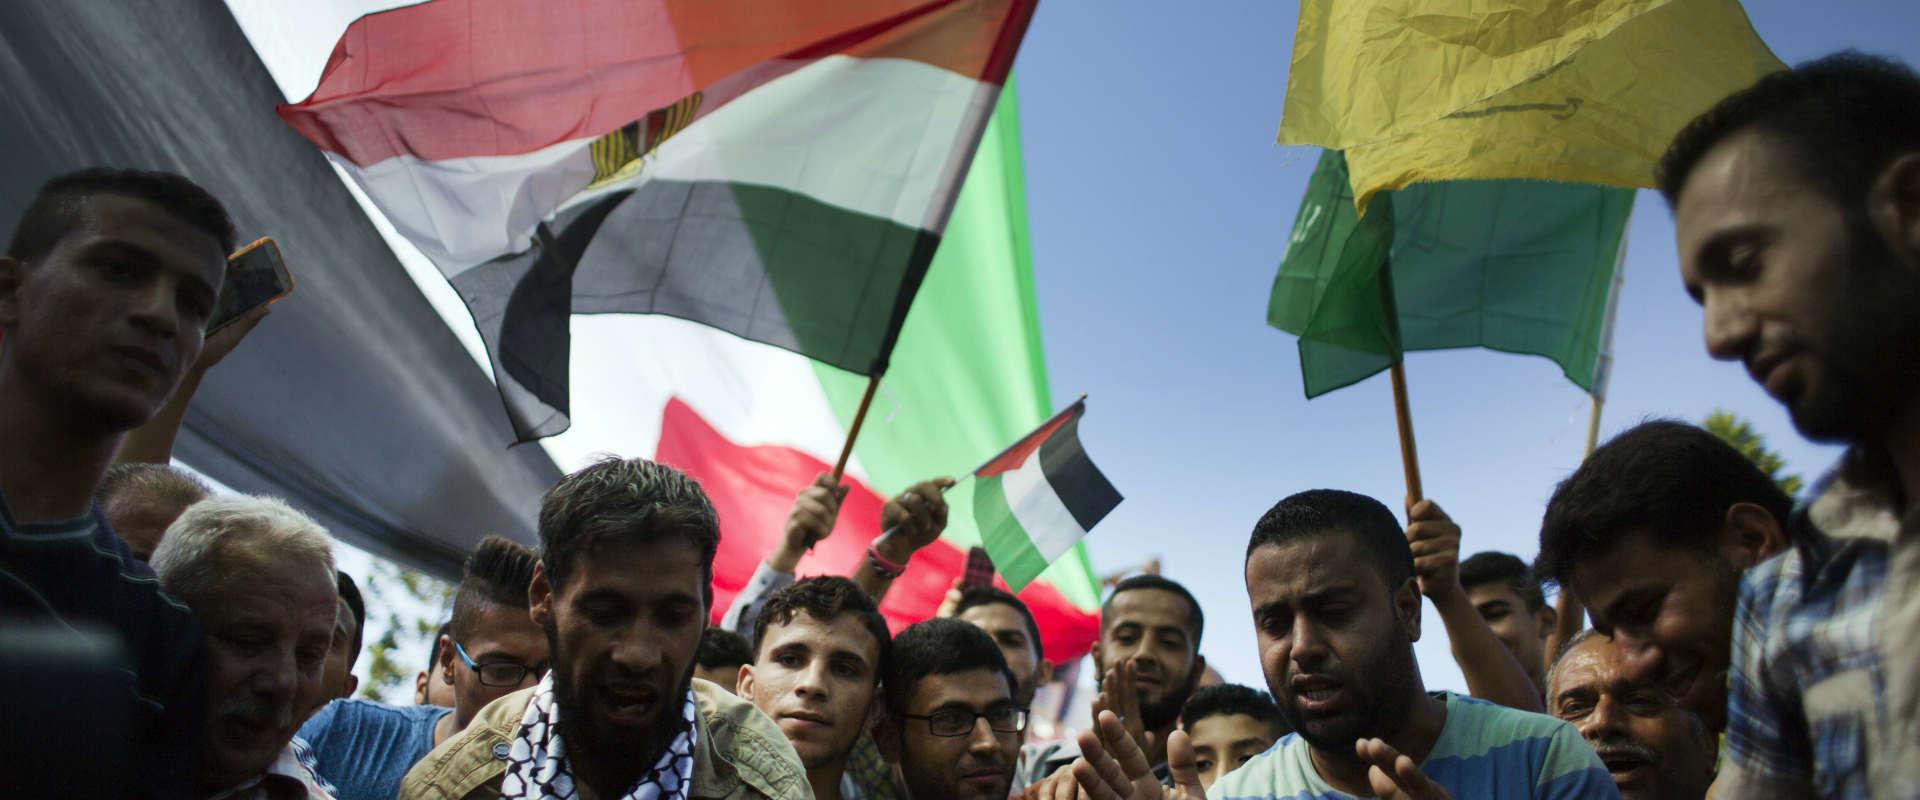 פלסטינים בעזה חוגגים אחרי חתימת הסכם הפיוס, החודש